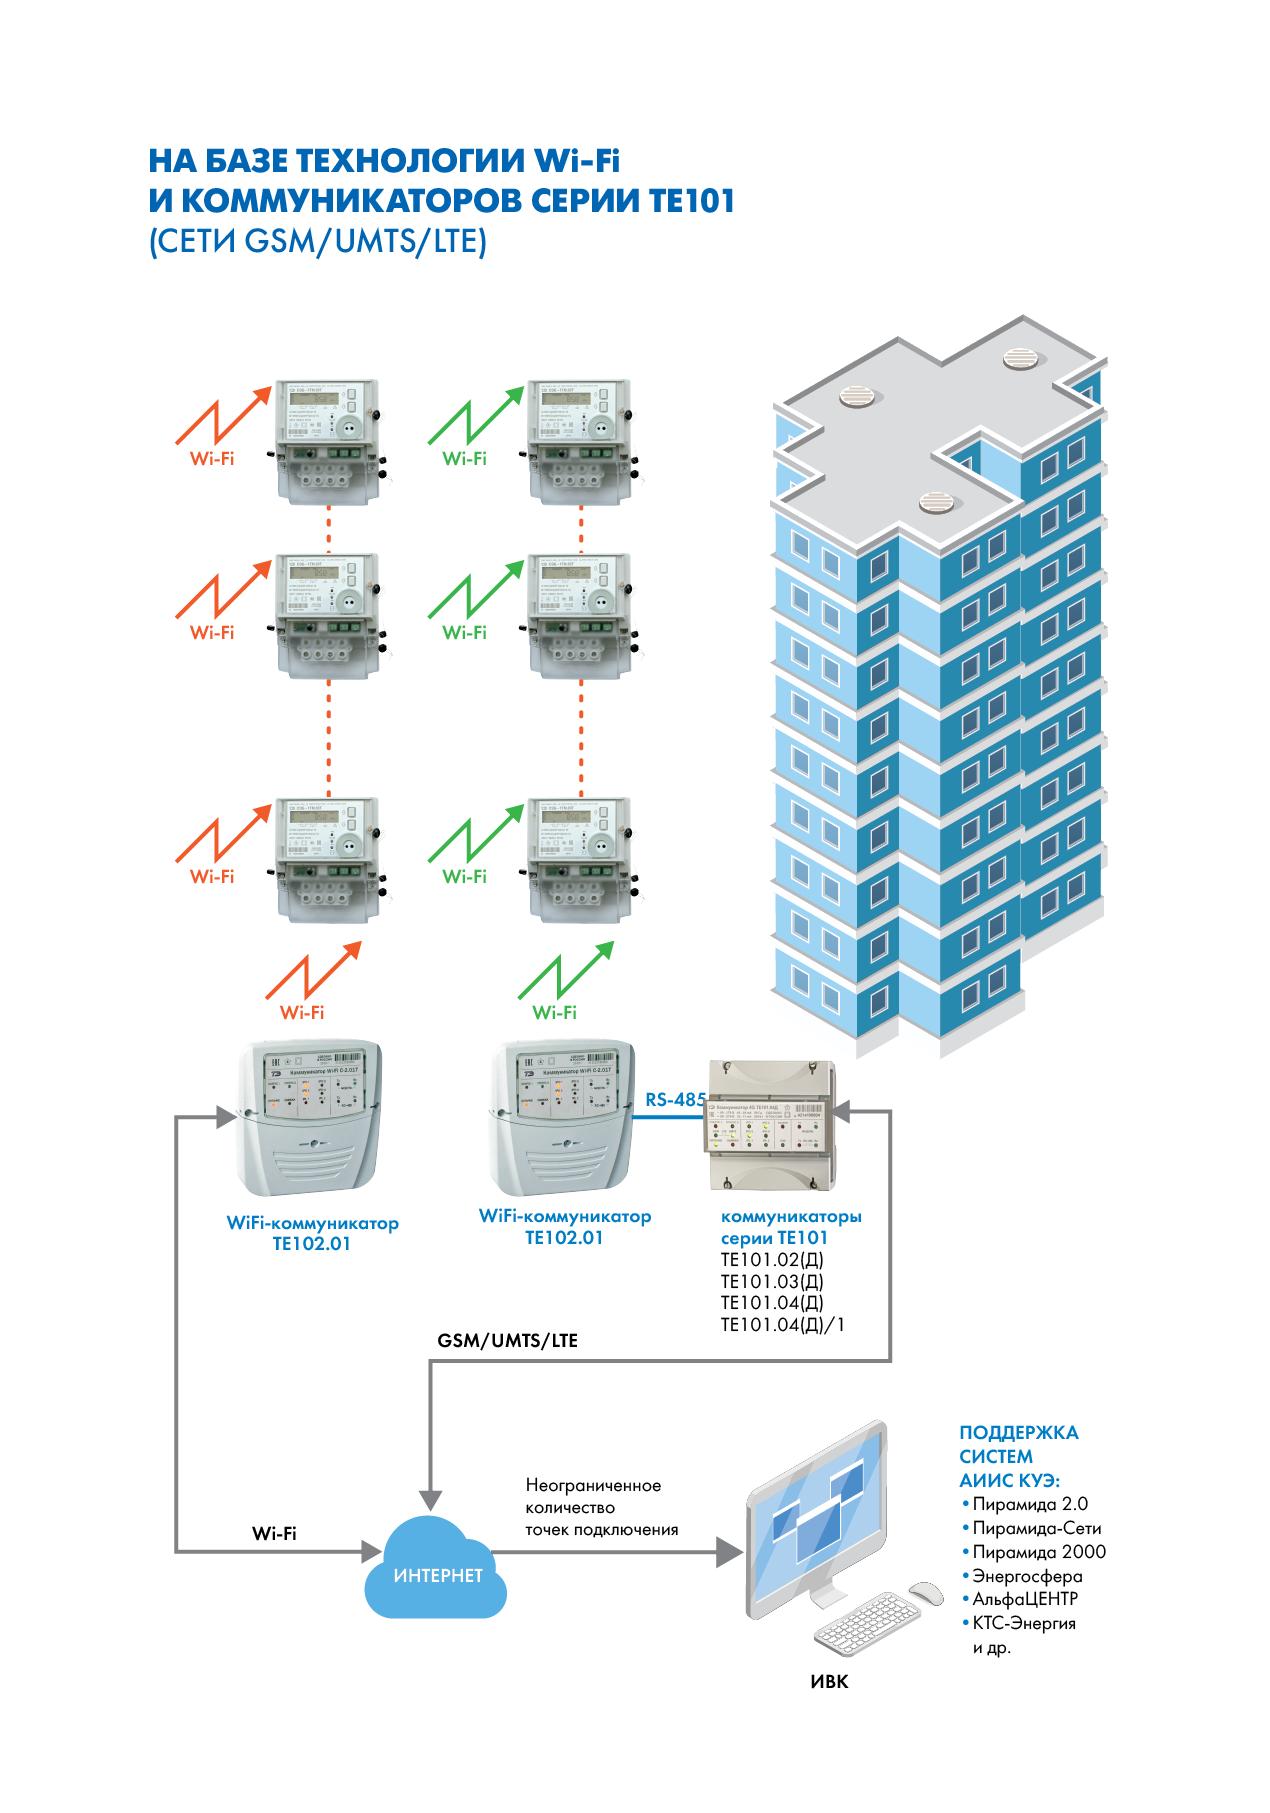 Организация сбора информации со счетчиков электрической энергии на базе технологии Wi-Fi и коммуникаторов серии ТЕ101 (сети GSM/UMTS/LTE)